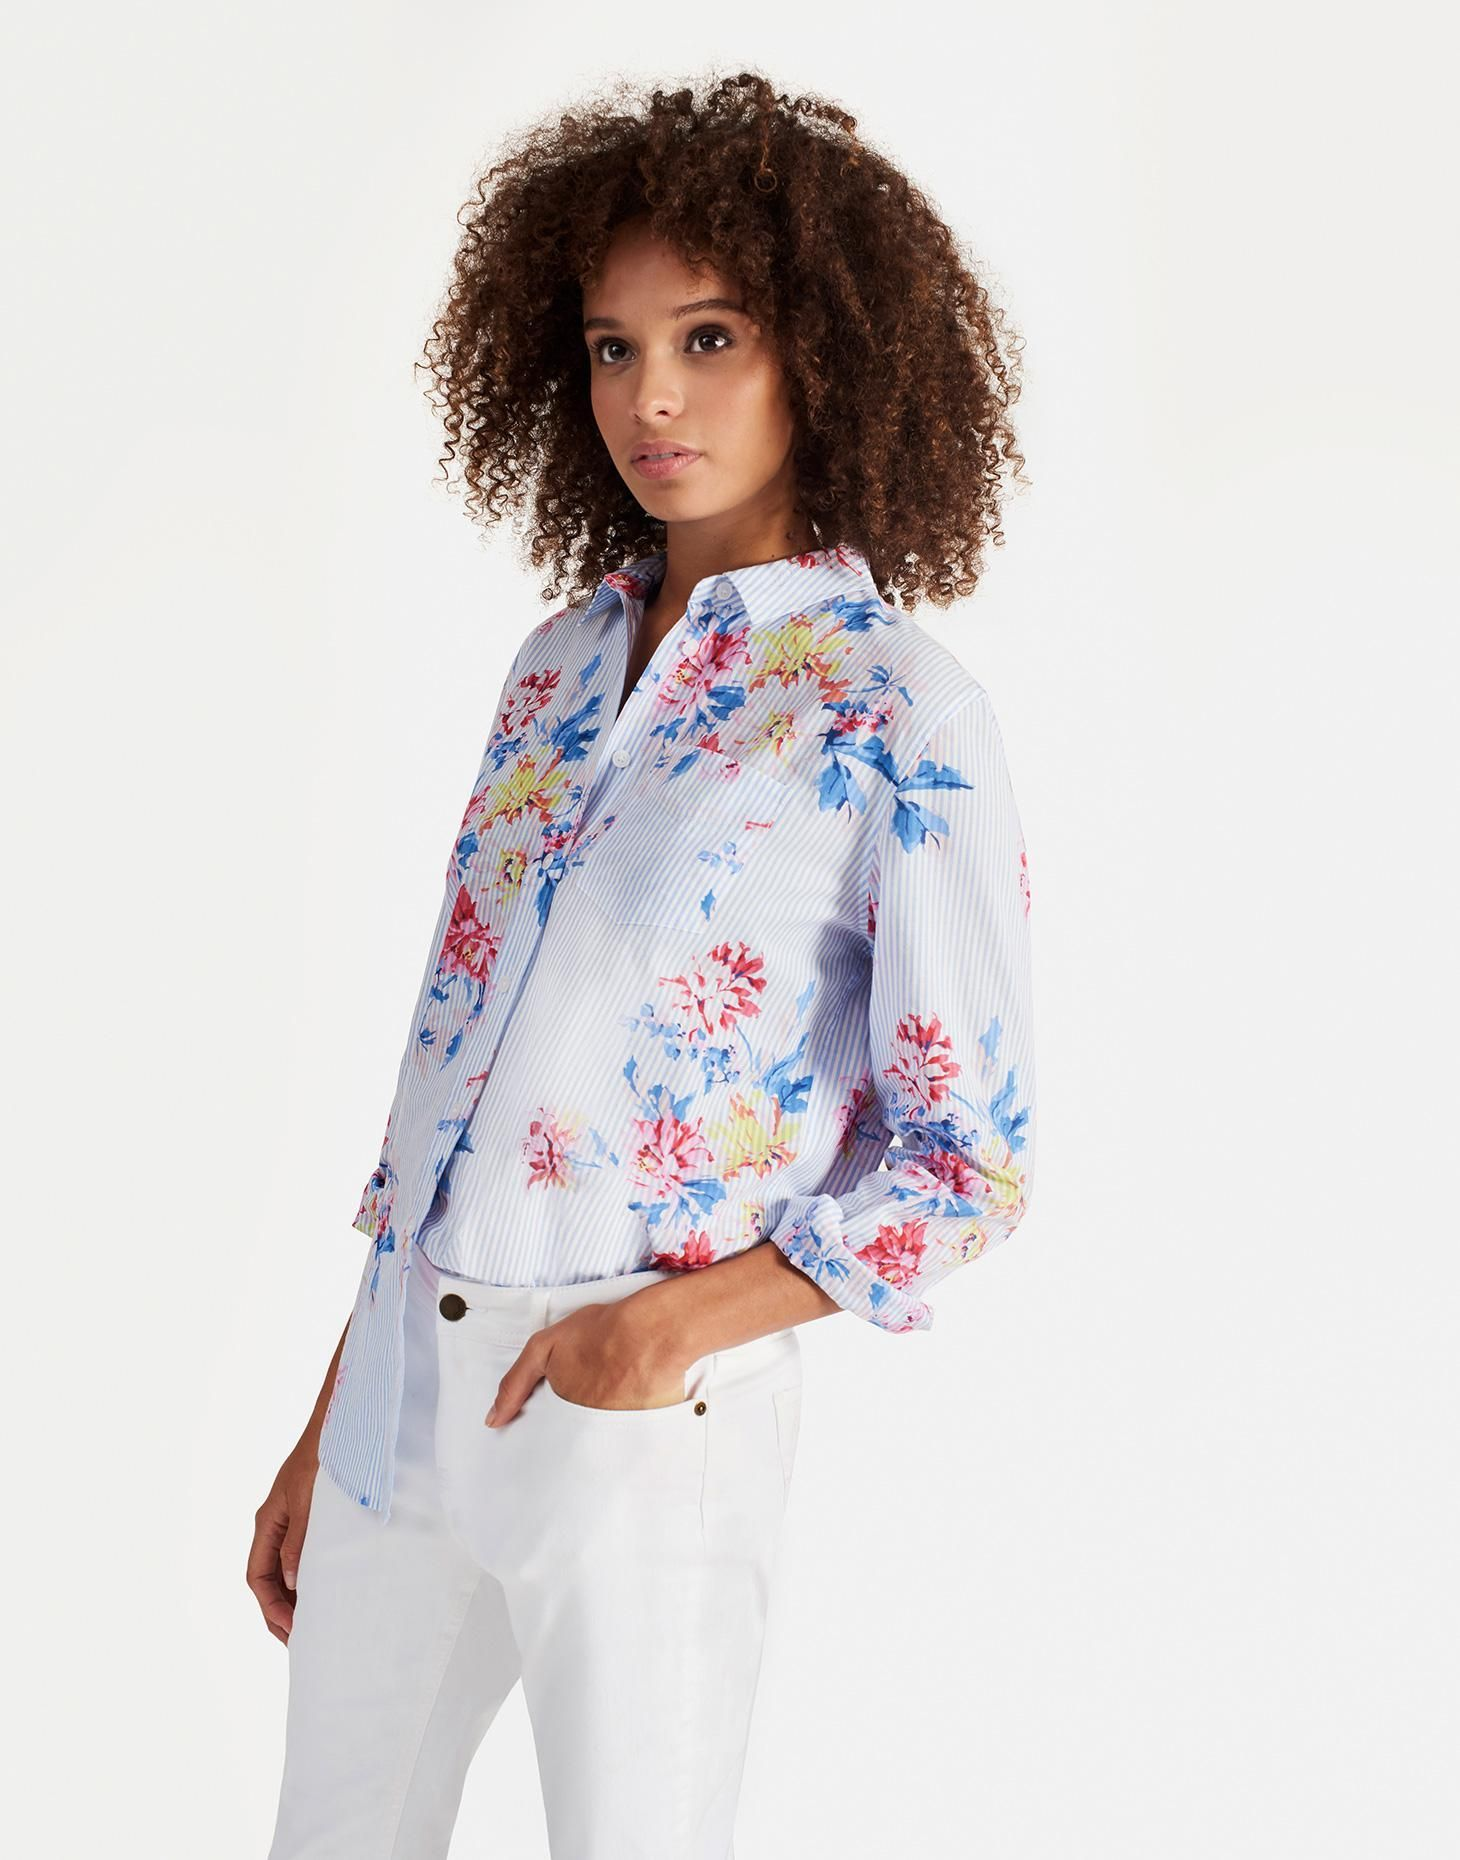 e03550a919deea Laurel cotton Blue Stripe Whitstable Floral Longline Shirt